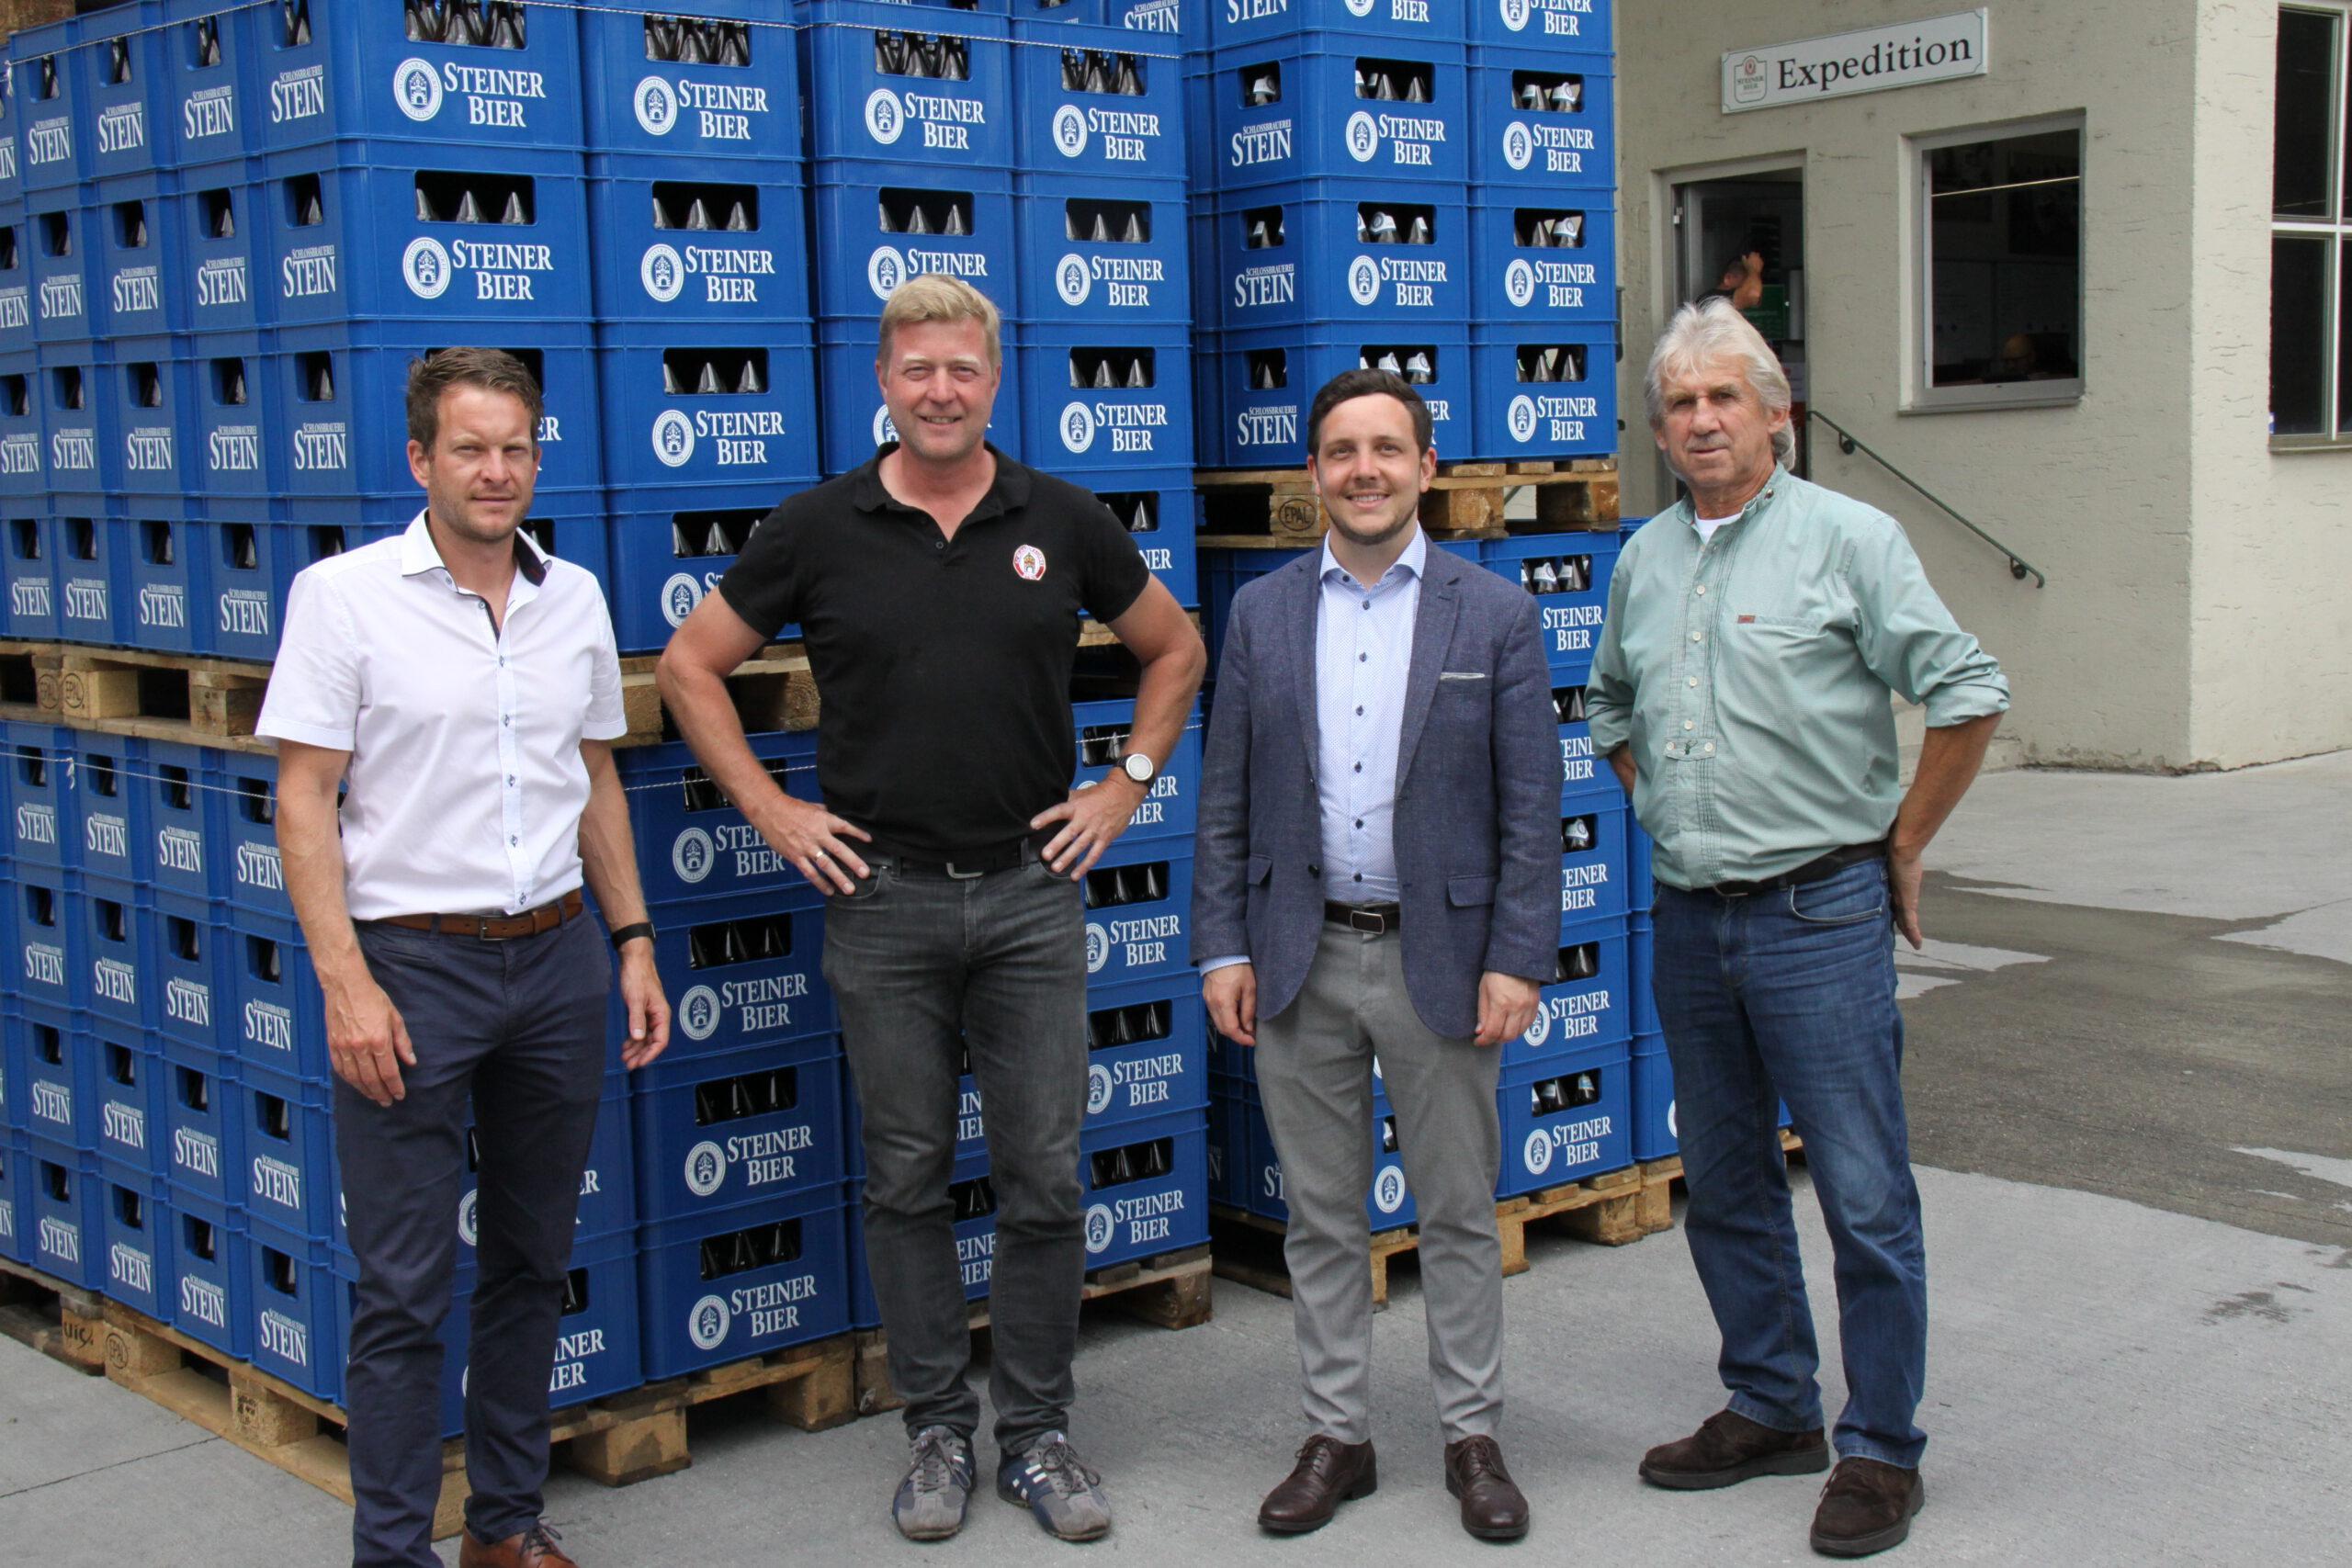 Markteinführung des neuen Bieres der Schlossbrauerei Stein